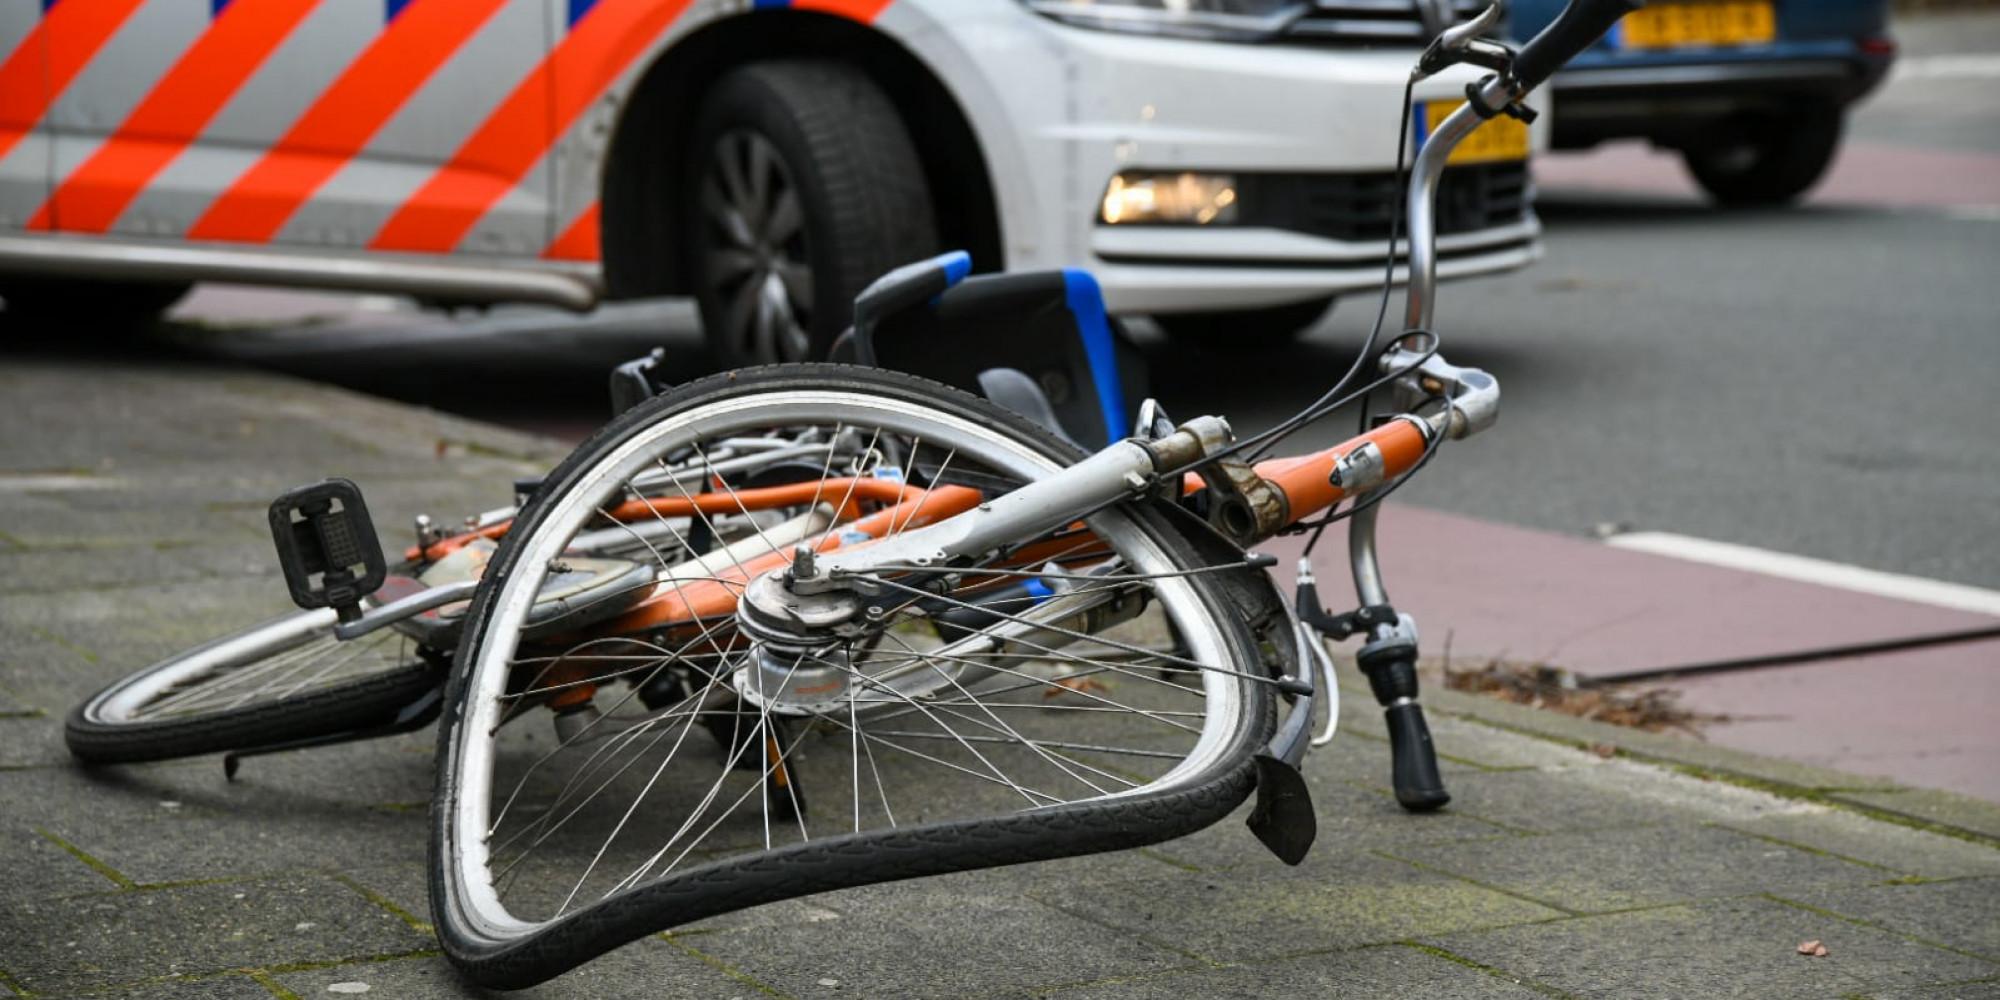 Fietsster gewond op straat in Hilversum